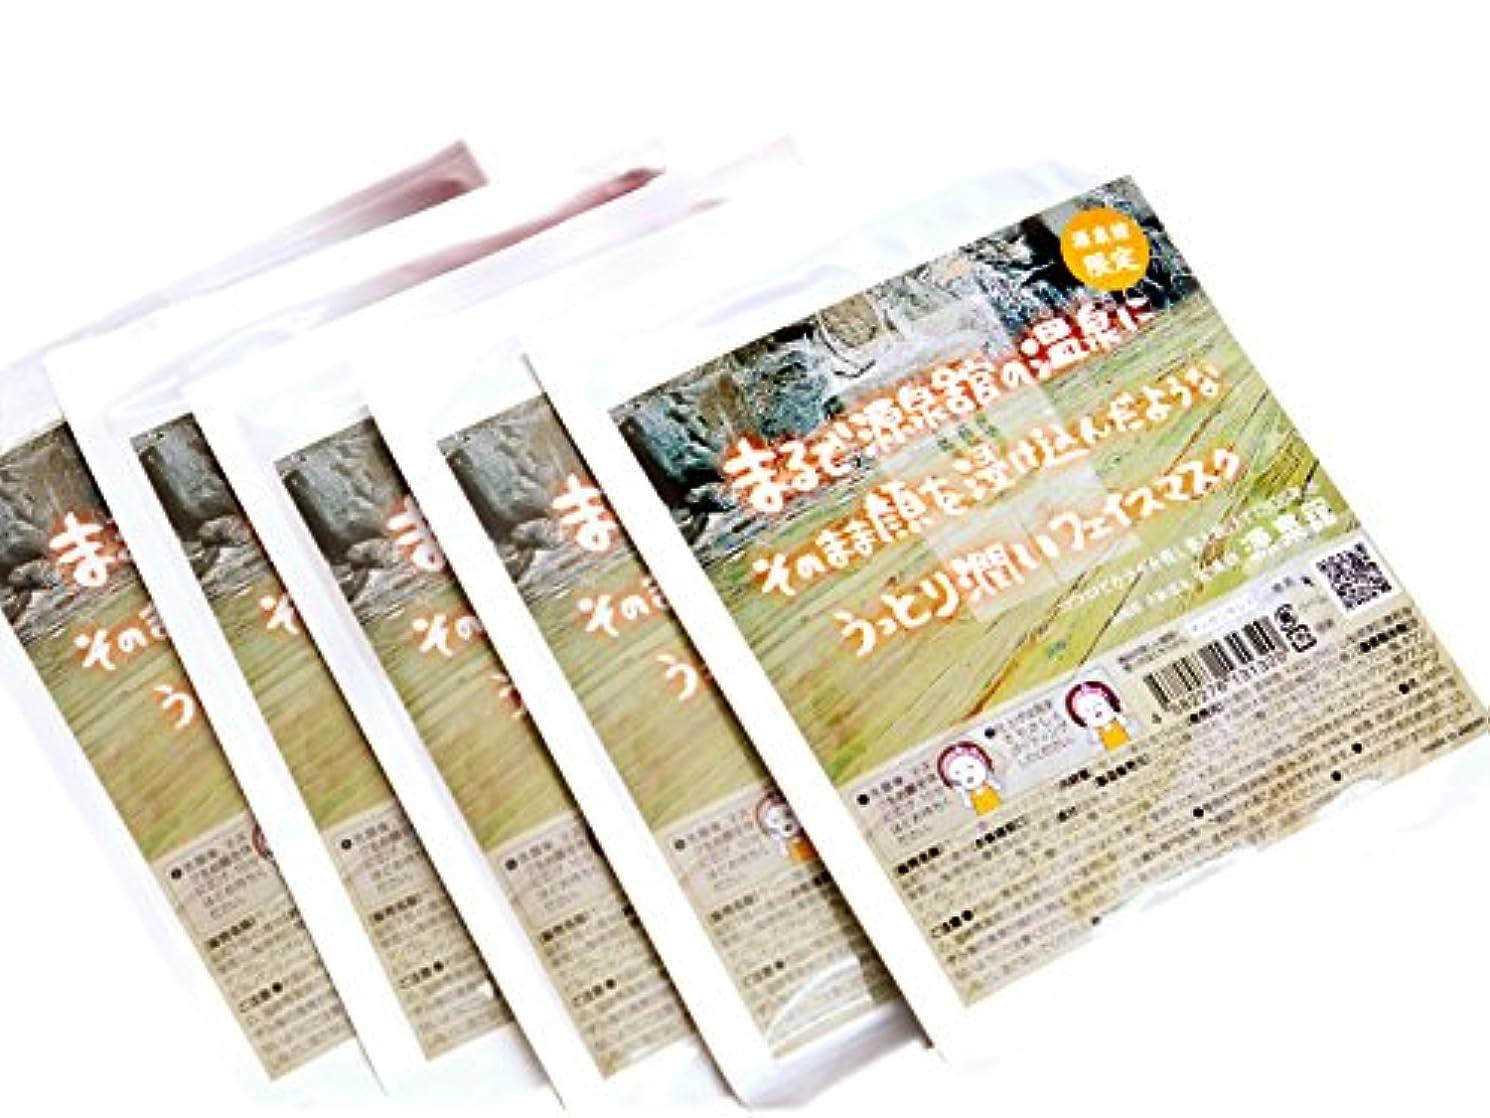 歌ガスガス自然派温泉水使用◇源泉館◇【パック5枚セット】